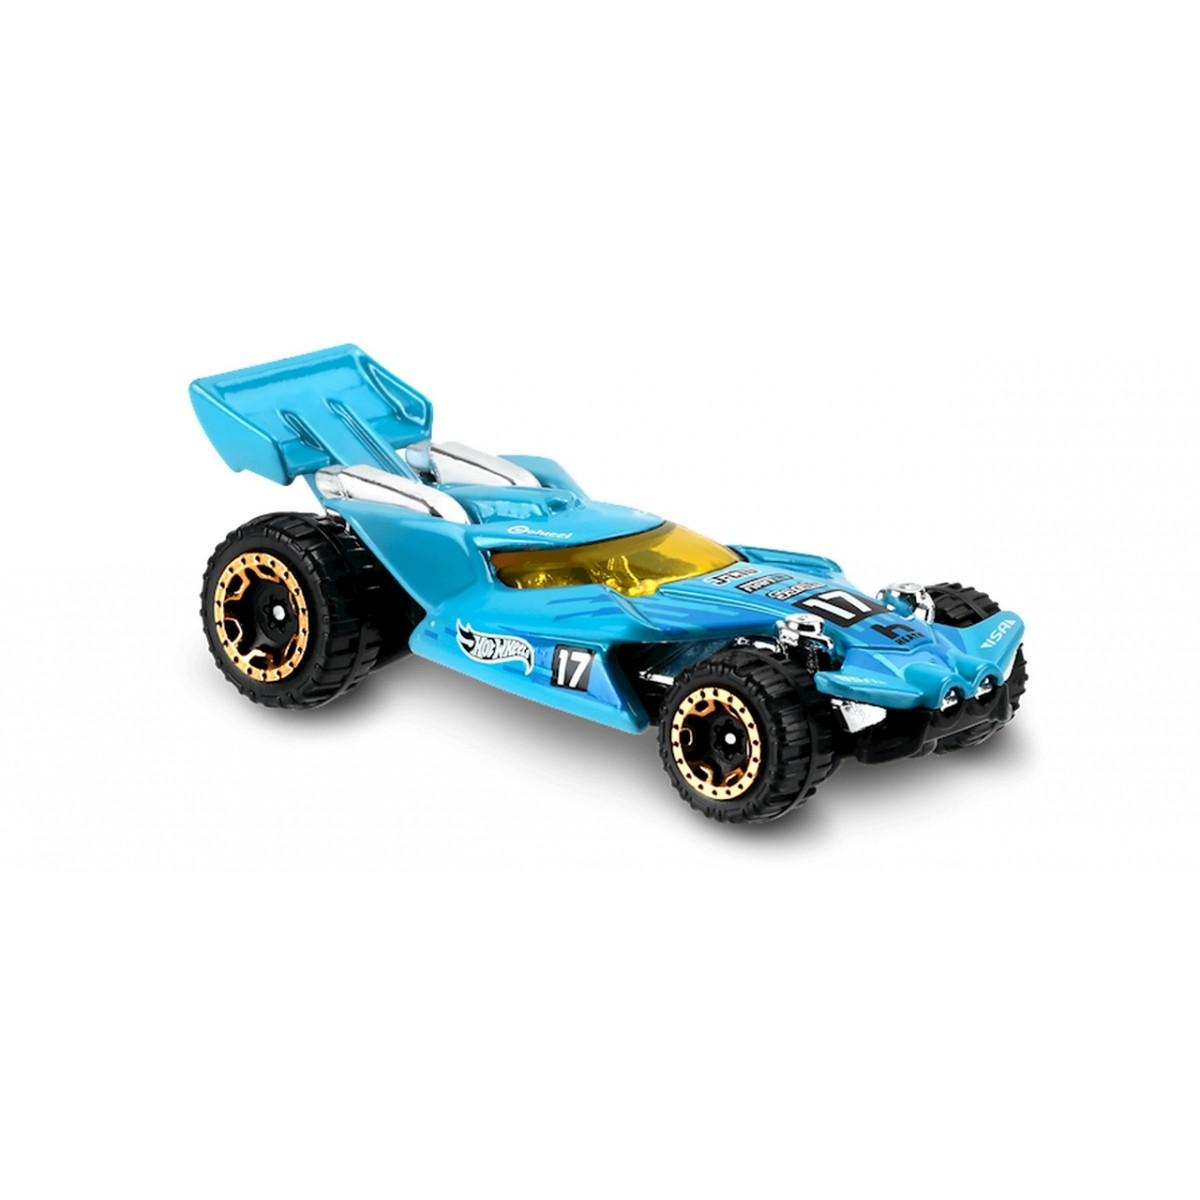 Carrinho Hot Wheels: Blade Raider Azul